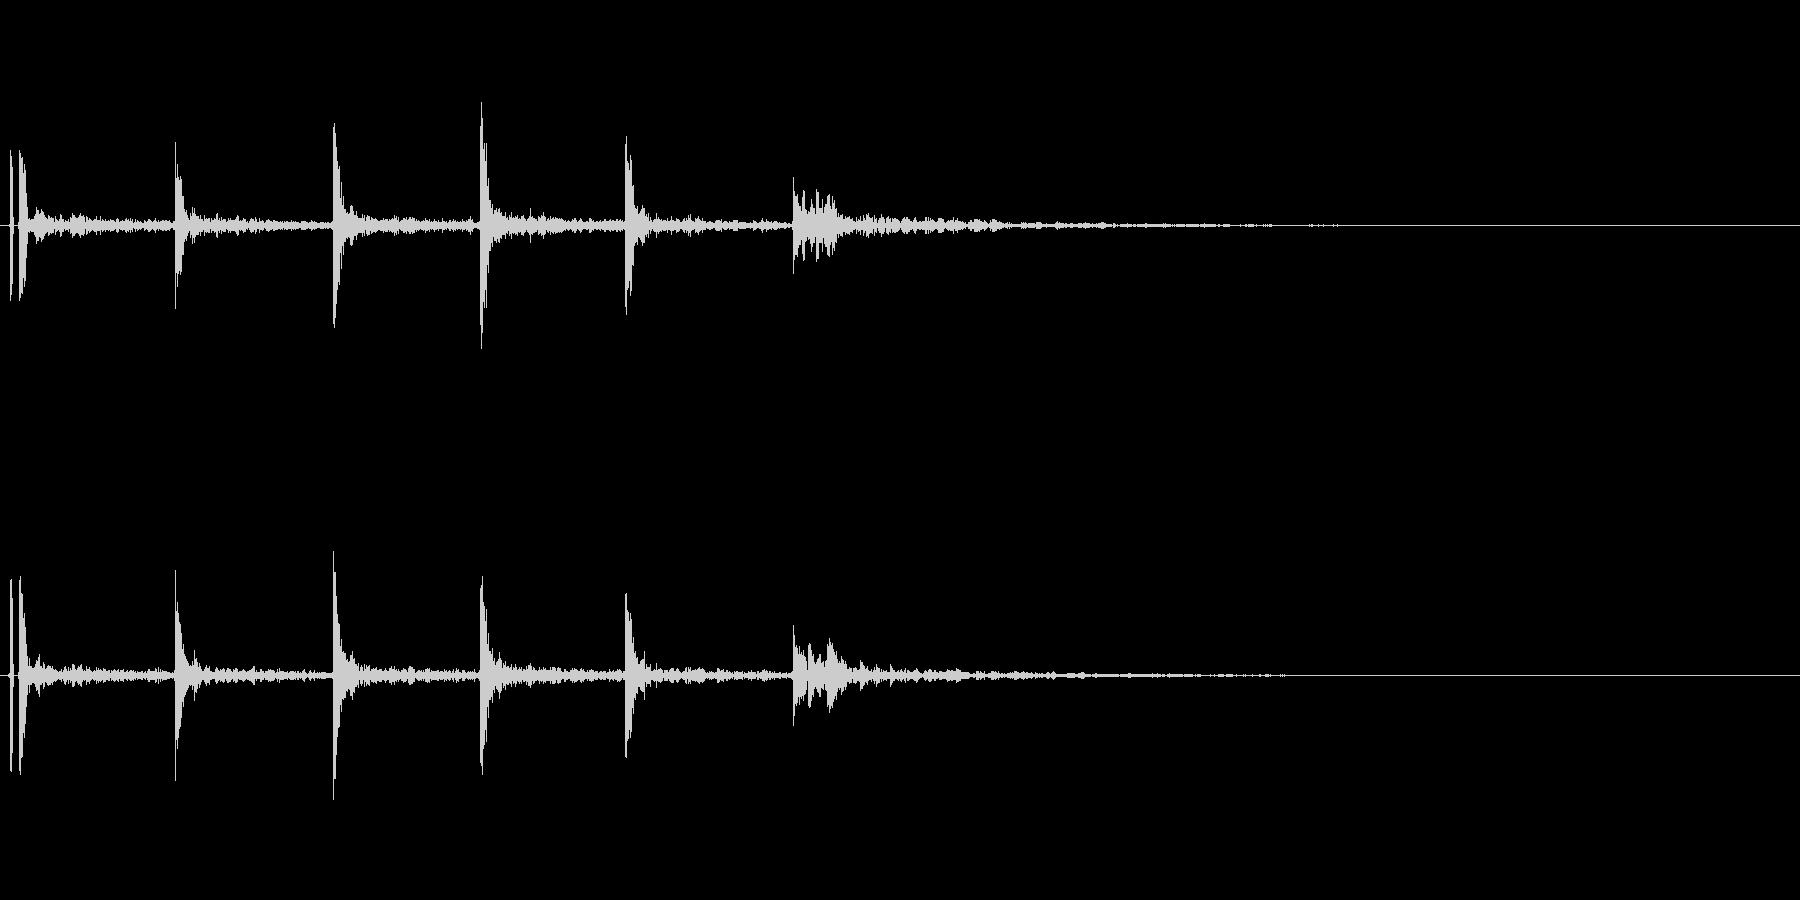 バスケットボールの軽いドリブル音01の未再生の波形